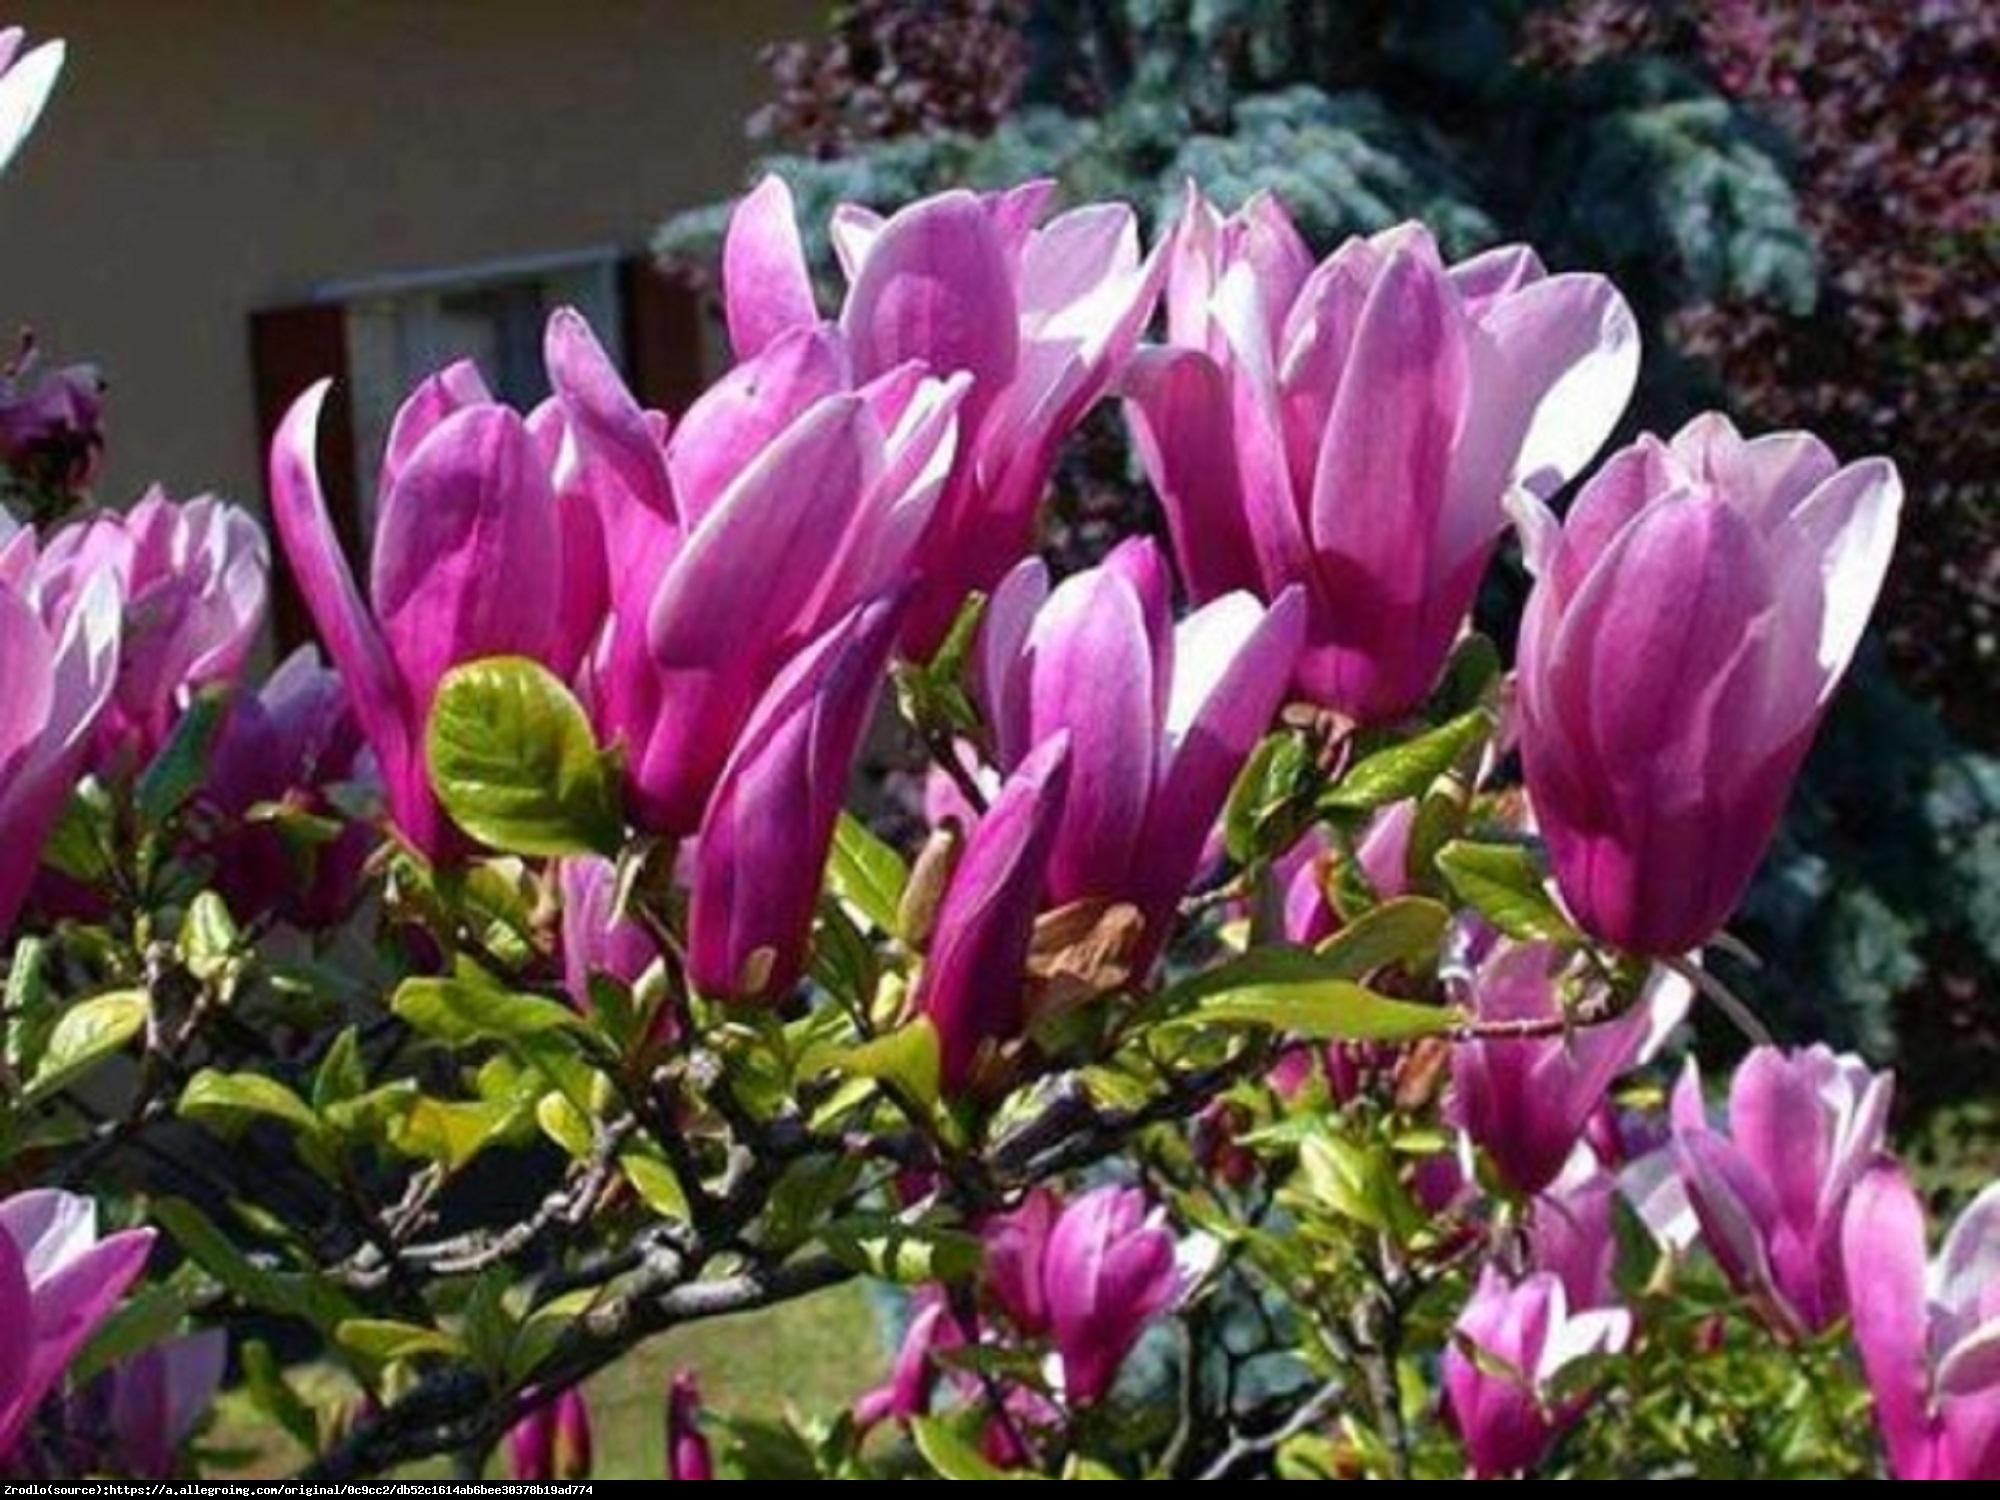 Magnolia Susan Duża - Magnolia Susan